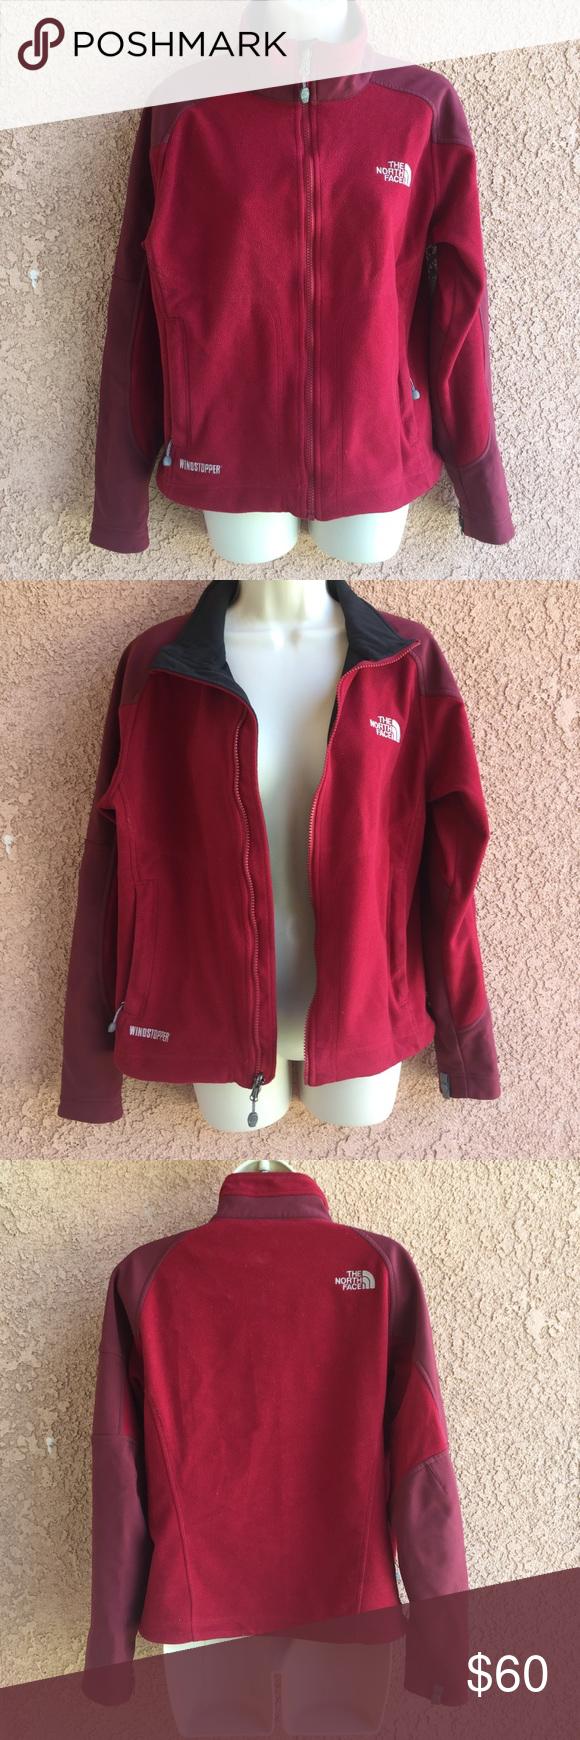 The North Face Fleece Jacket Windstopper Size S North Face Fleece Jacket North Face Jacket Womens Fleece Jacket [ 1740 x 580 Pixel ]